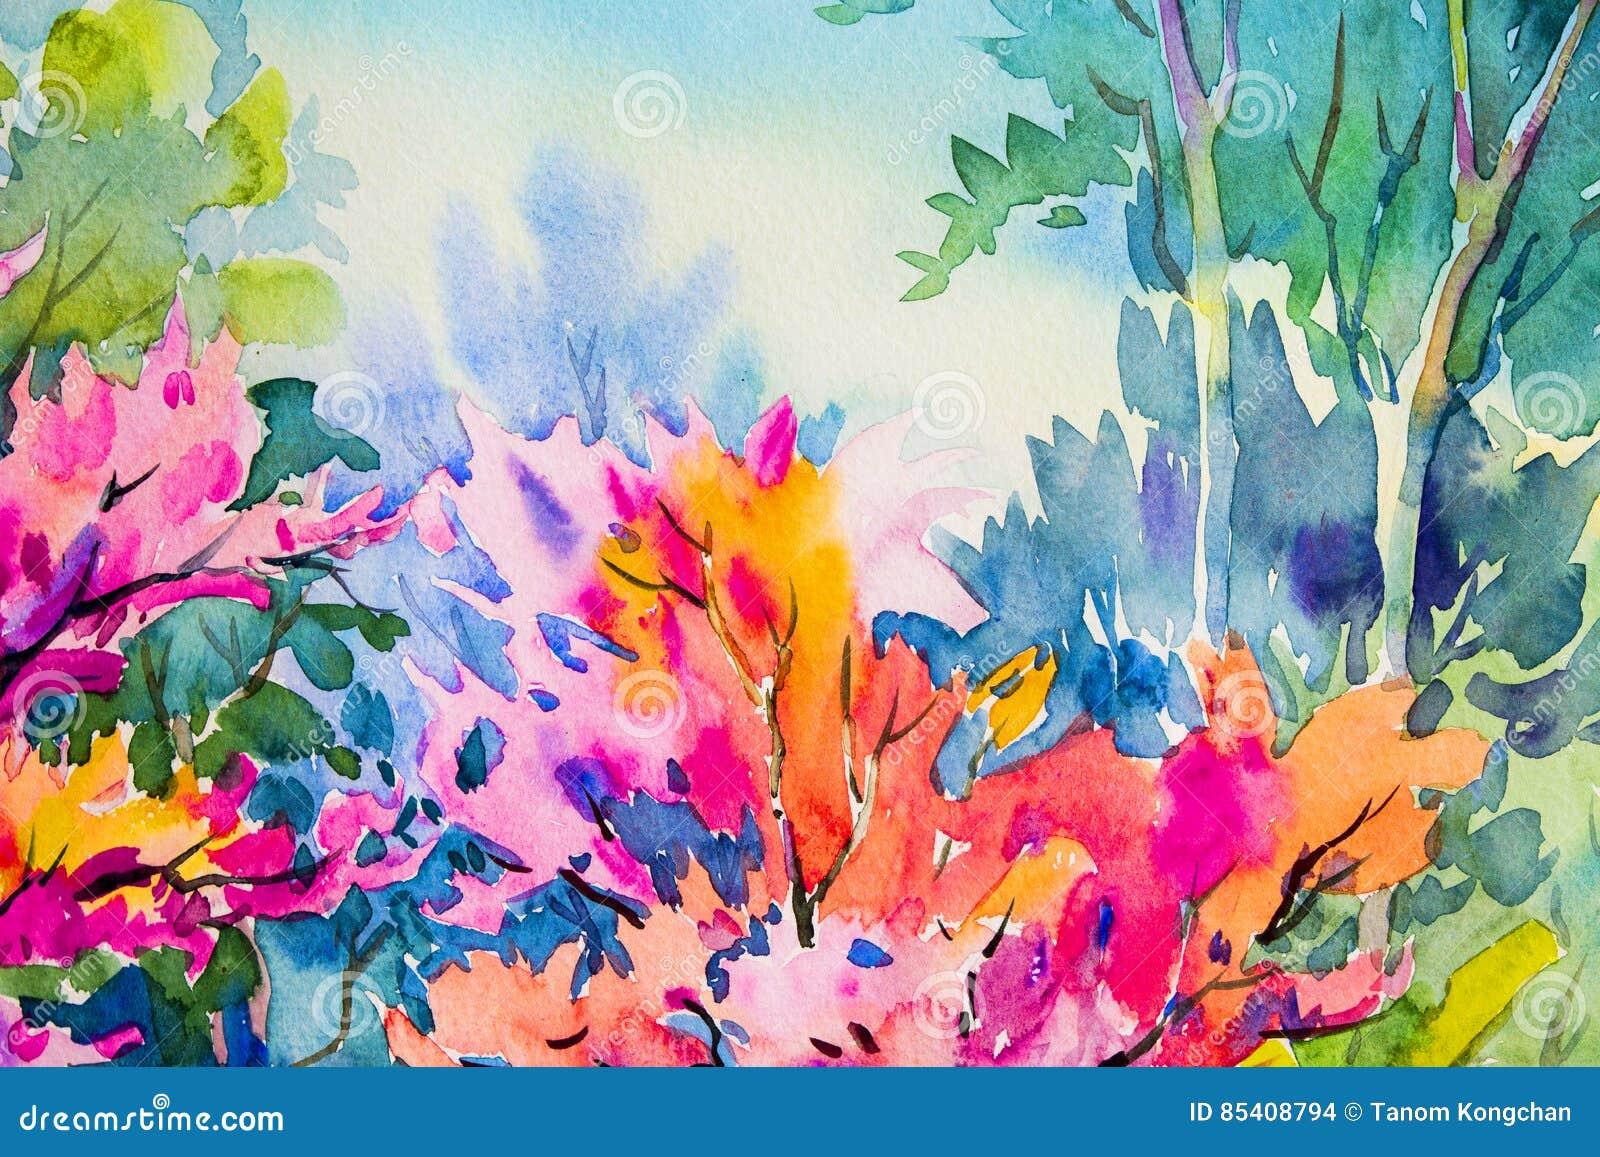 Die ursprüngliche Malerei des abstrakten Aquarells, die von der Schönheit bunt ist, blüht